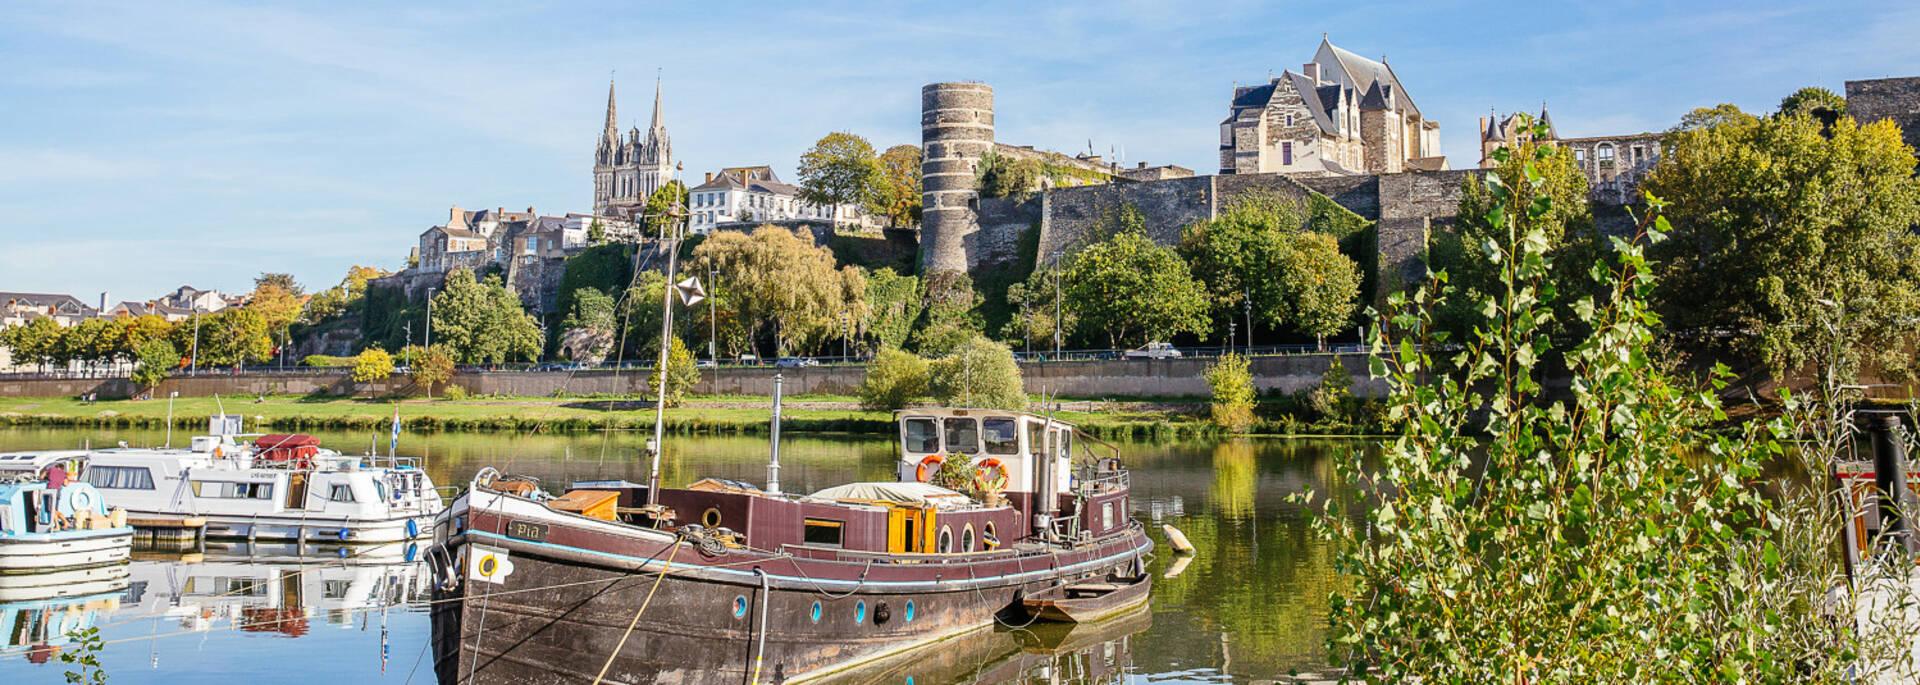 Vue des monuments d'Angers, cale de la Savatte © Les Conteurs